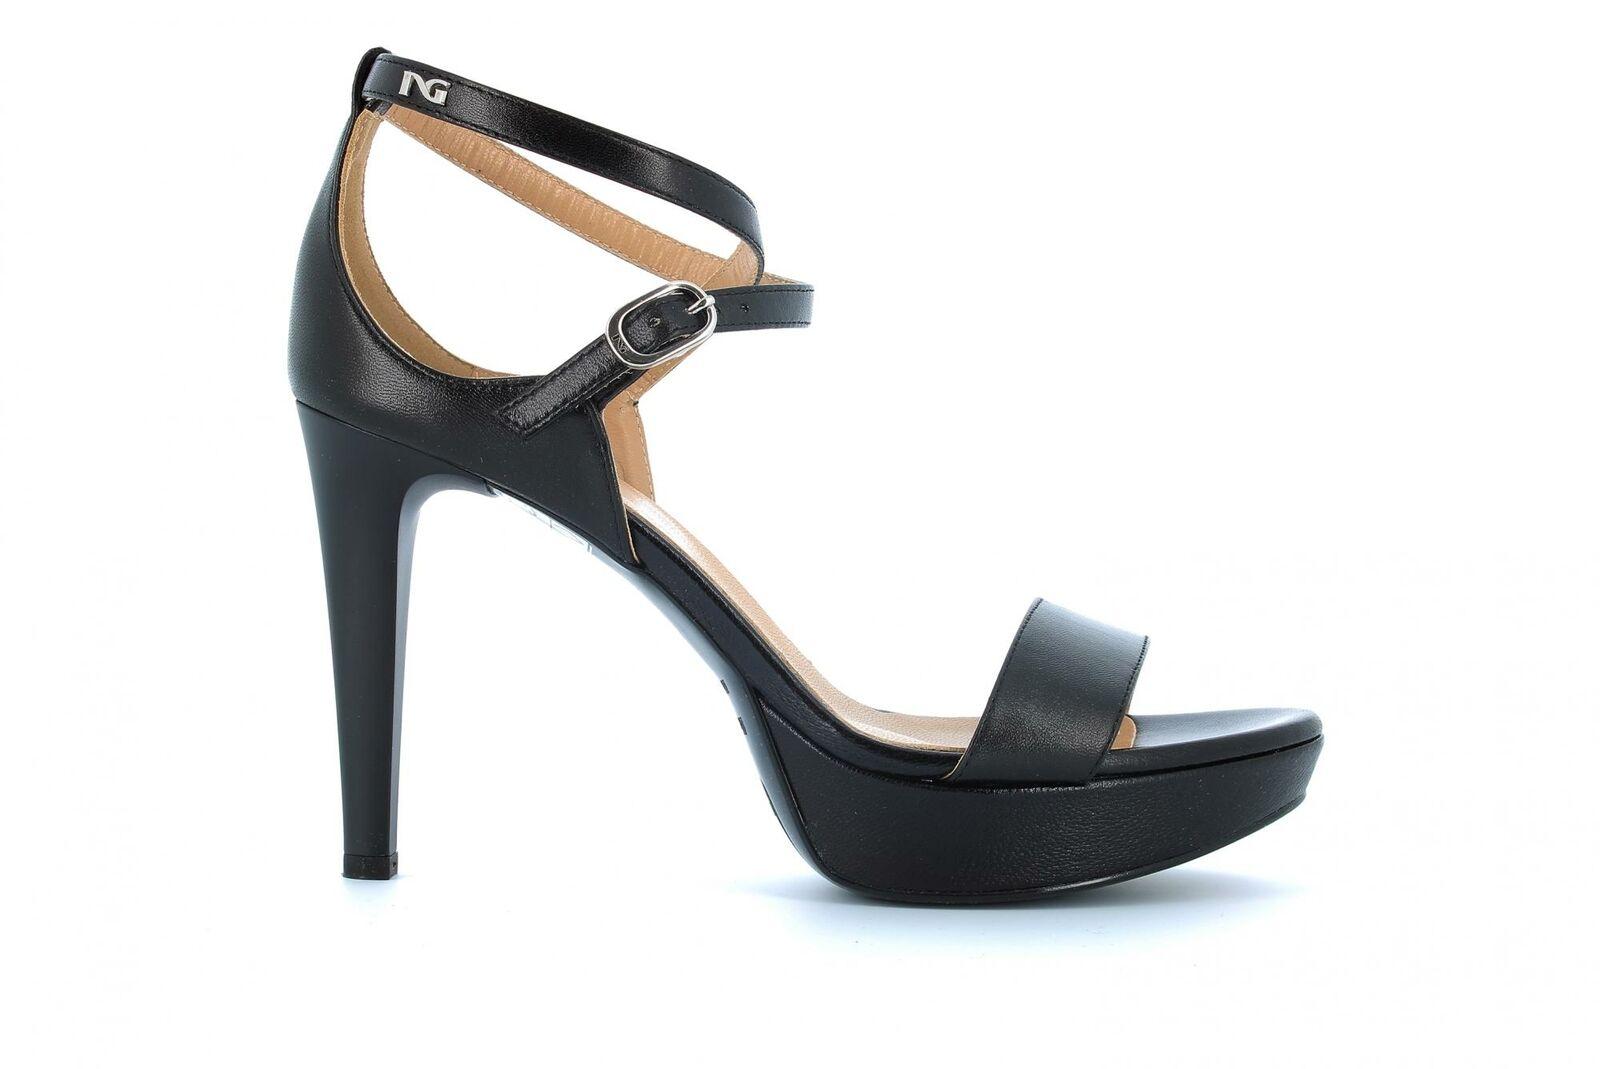 Sandalias de jardín mujer negra tacones altos p908470de   100 p19